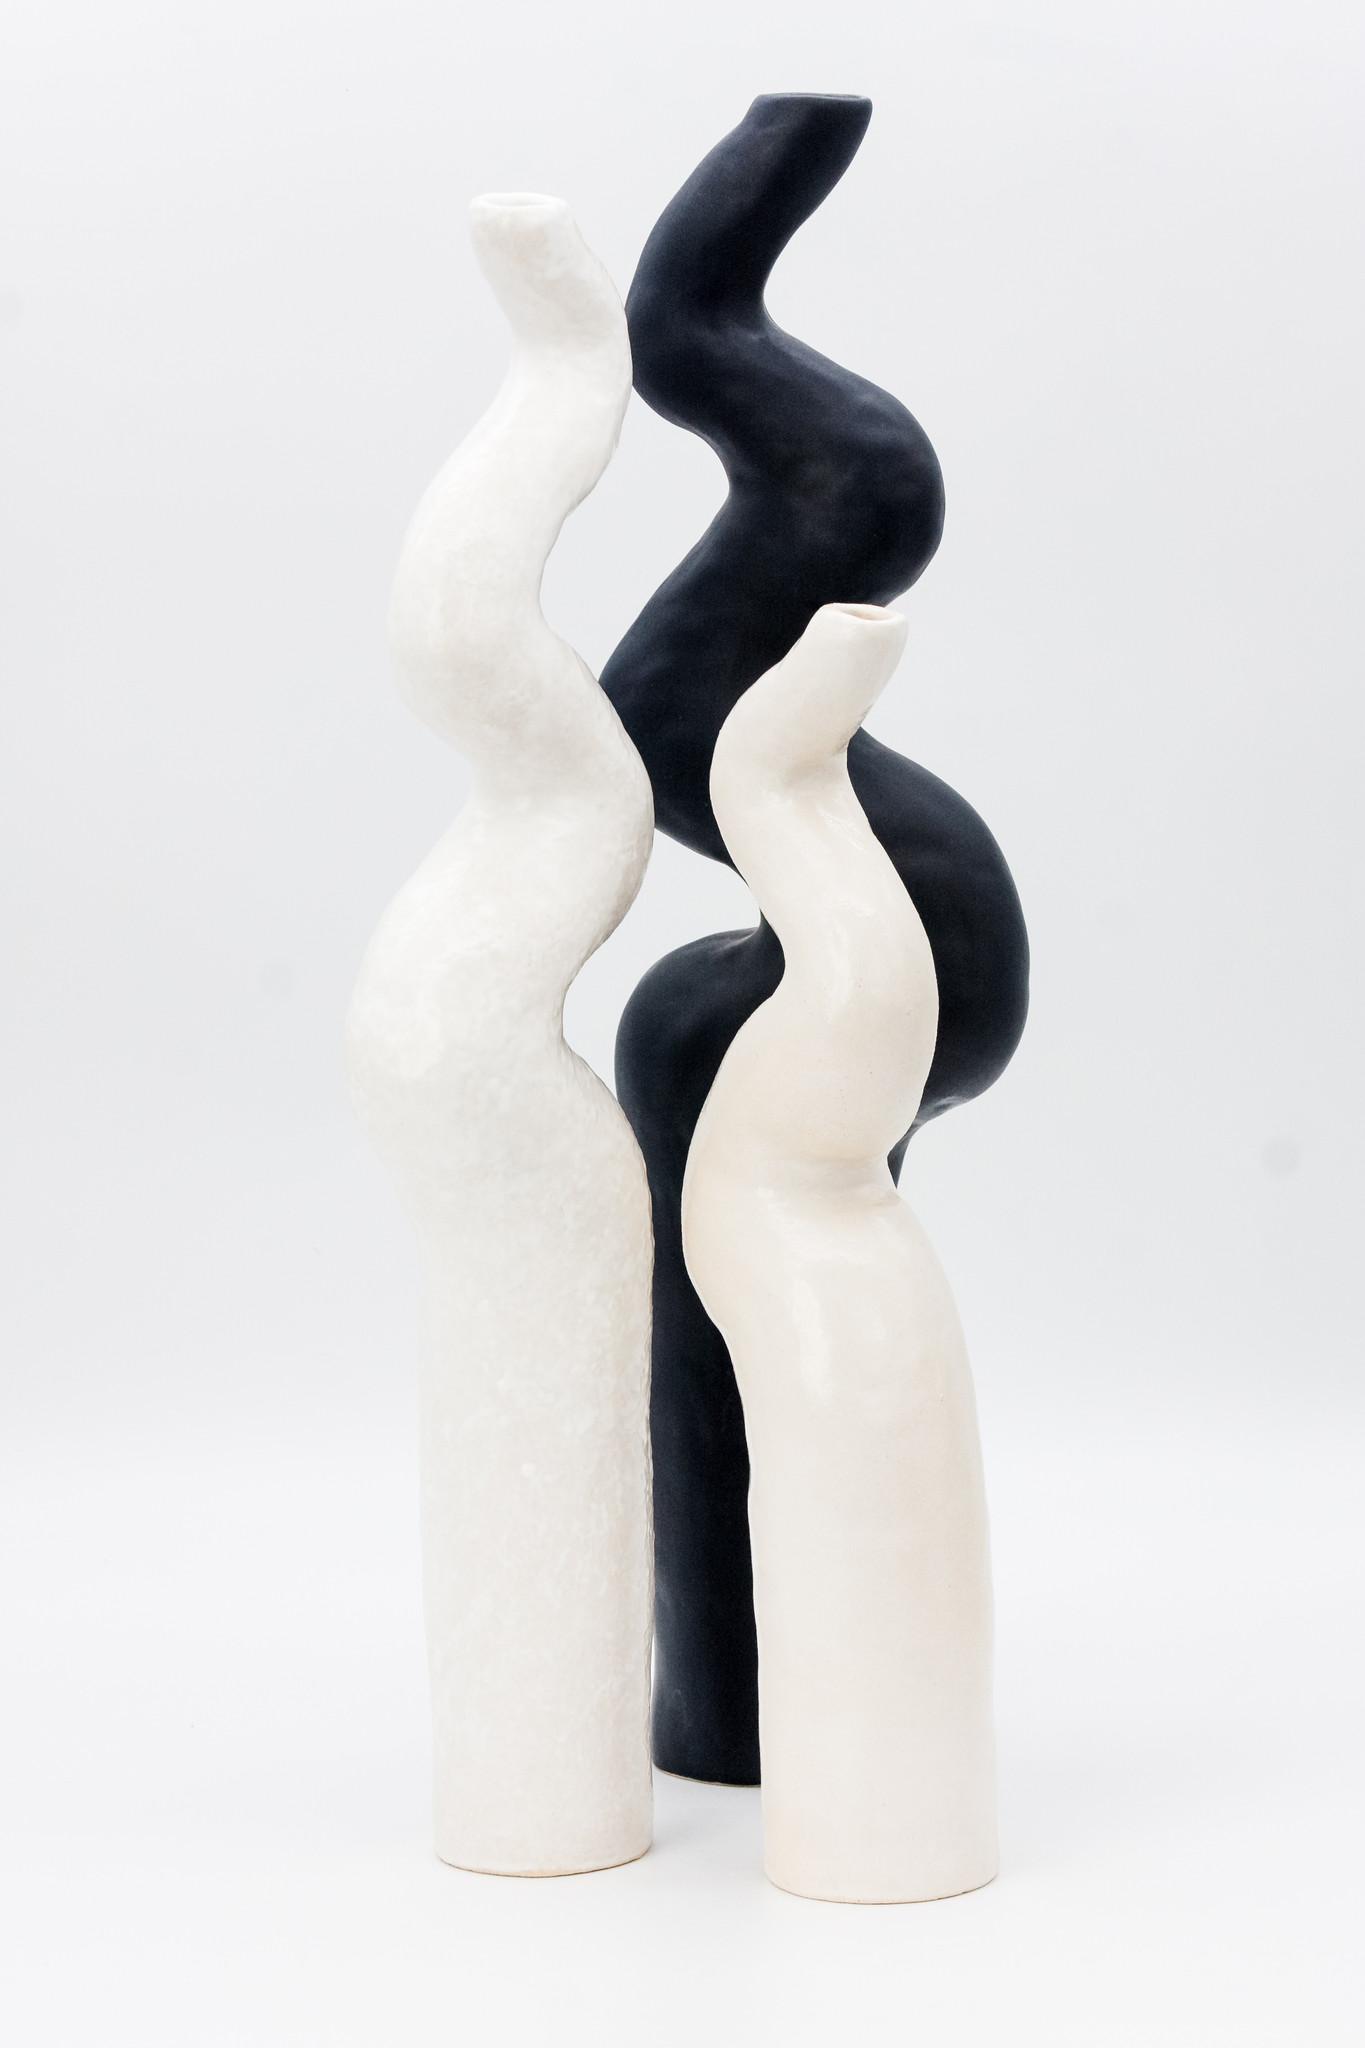 Obiekt ceramiczny ORGANIC mały  Lui & Clay - Slow Store   JestemSlow.pl